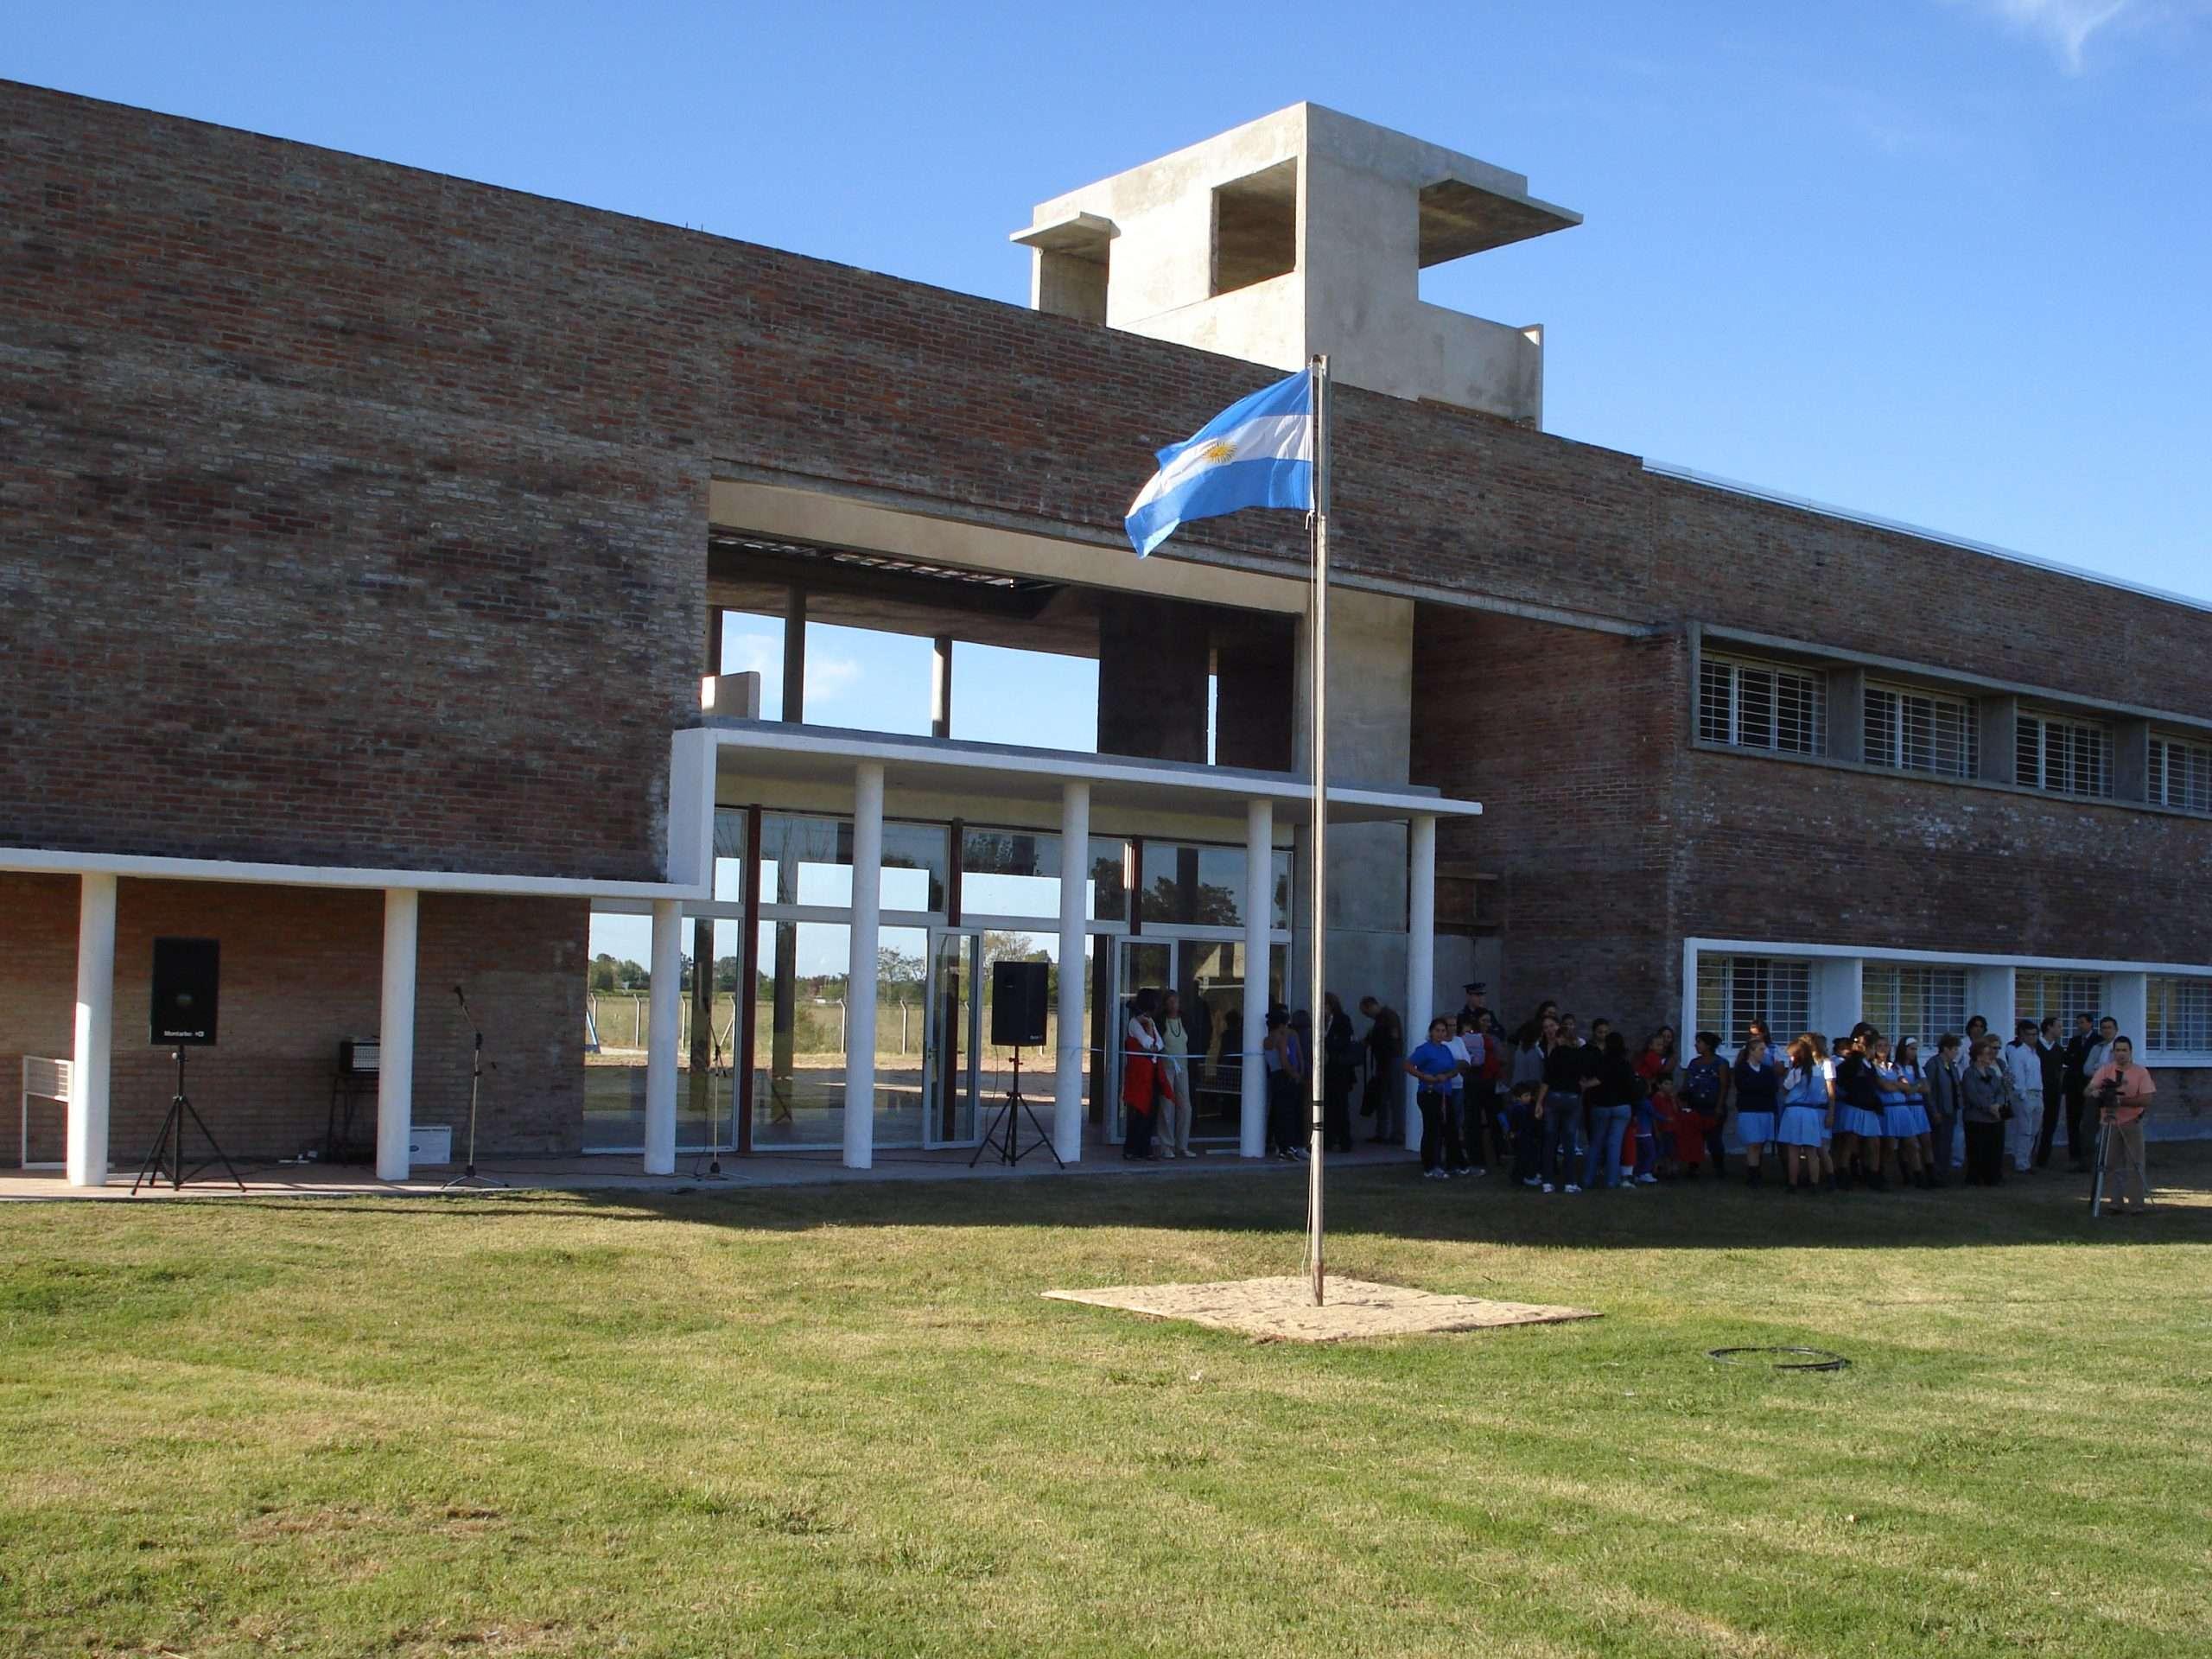 6 - Inauguración del Centro educacional Cuatro Vientos